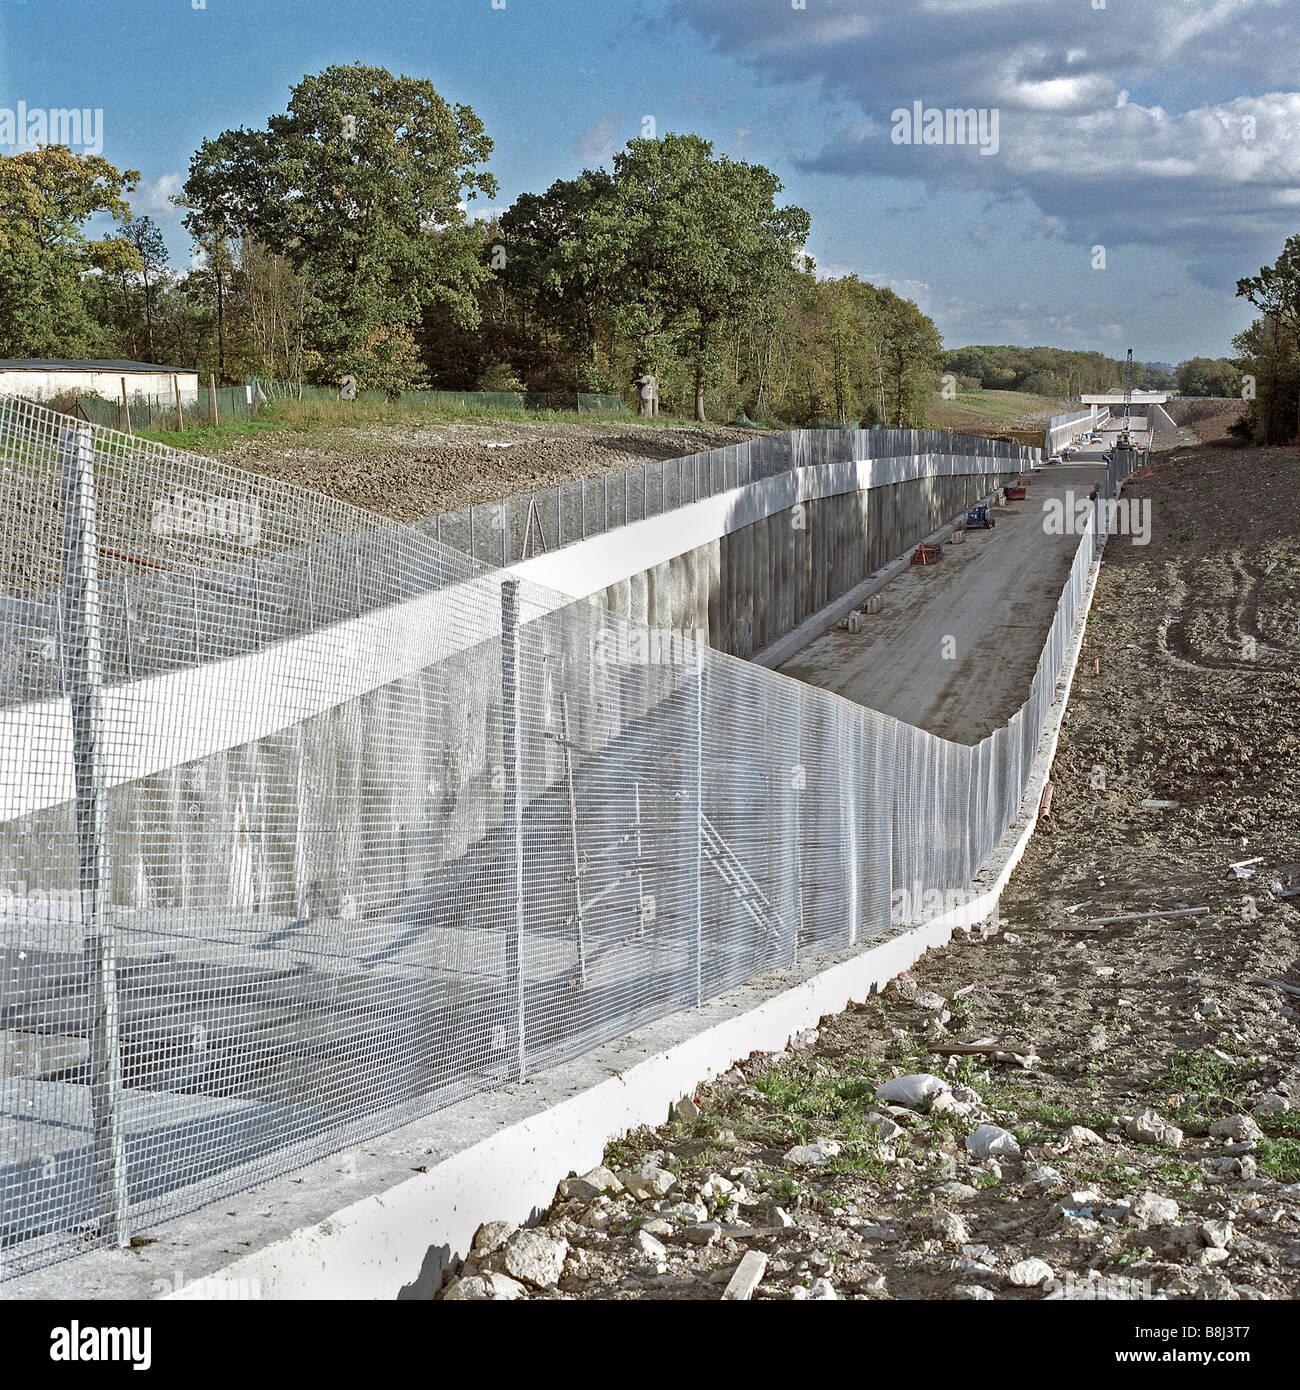 Instalación de vallas de seguridad diseñado para disuadir a los intrusos y vándalos a lo largo de la ruta del Channel Tunnel Rail Link . Foto de stock